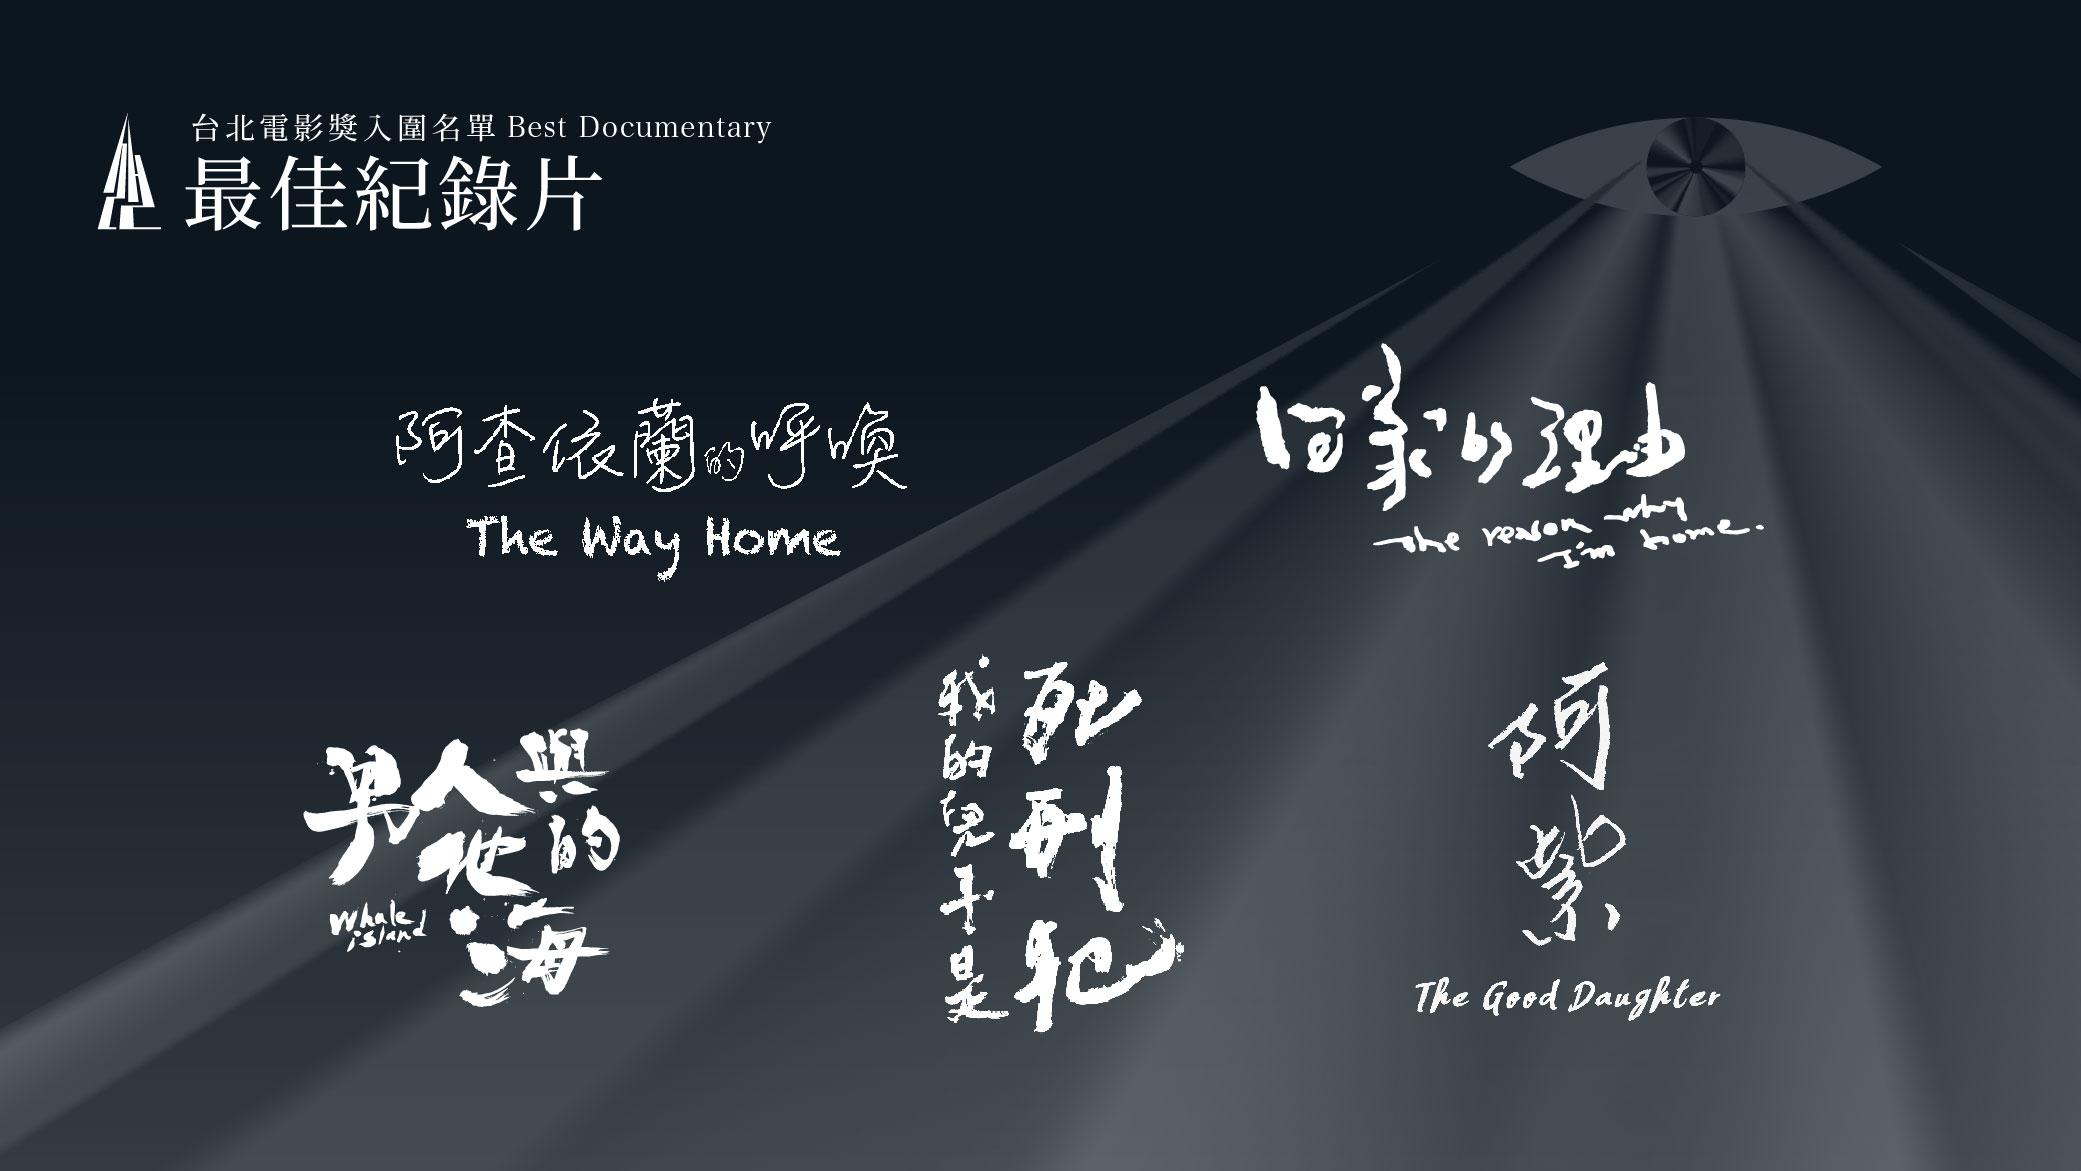 台北電影獎入圍名單-最佳紀錄片獎